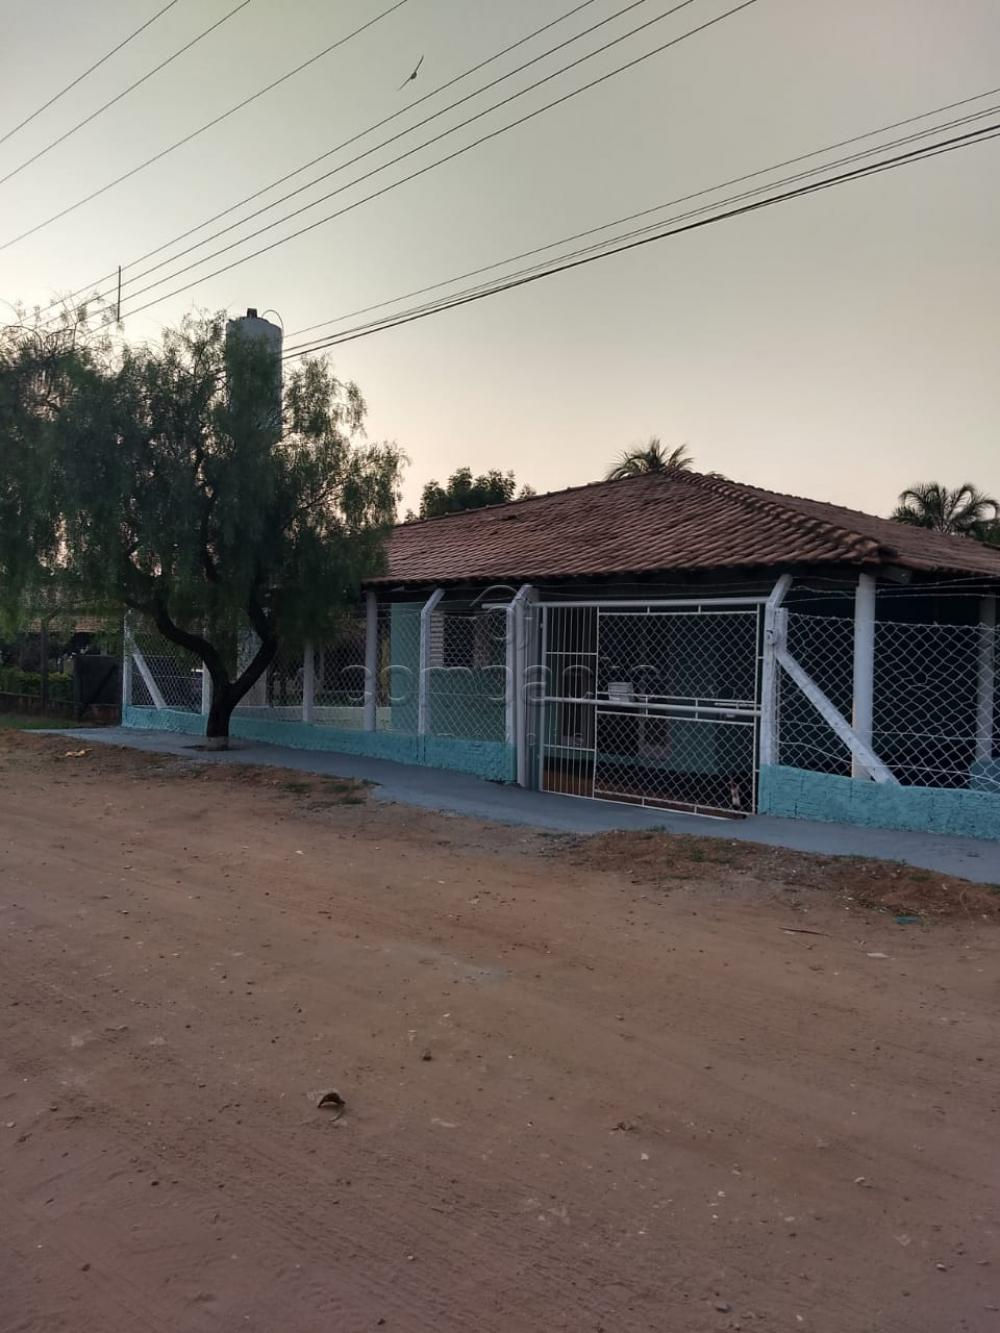 Comprar Rural / Chácara em São José do Rio Preto apenas R$ 254.400,00 - Foto 1